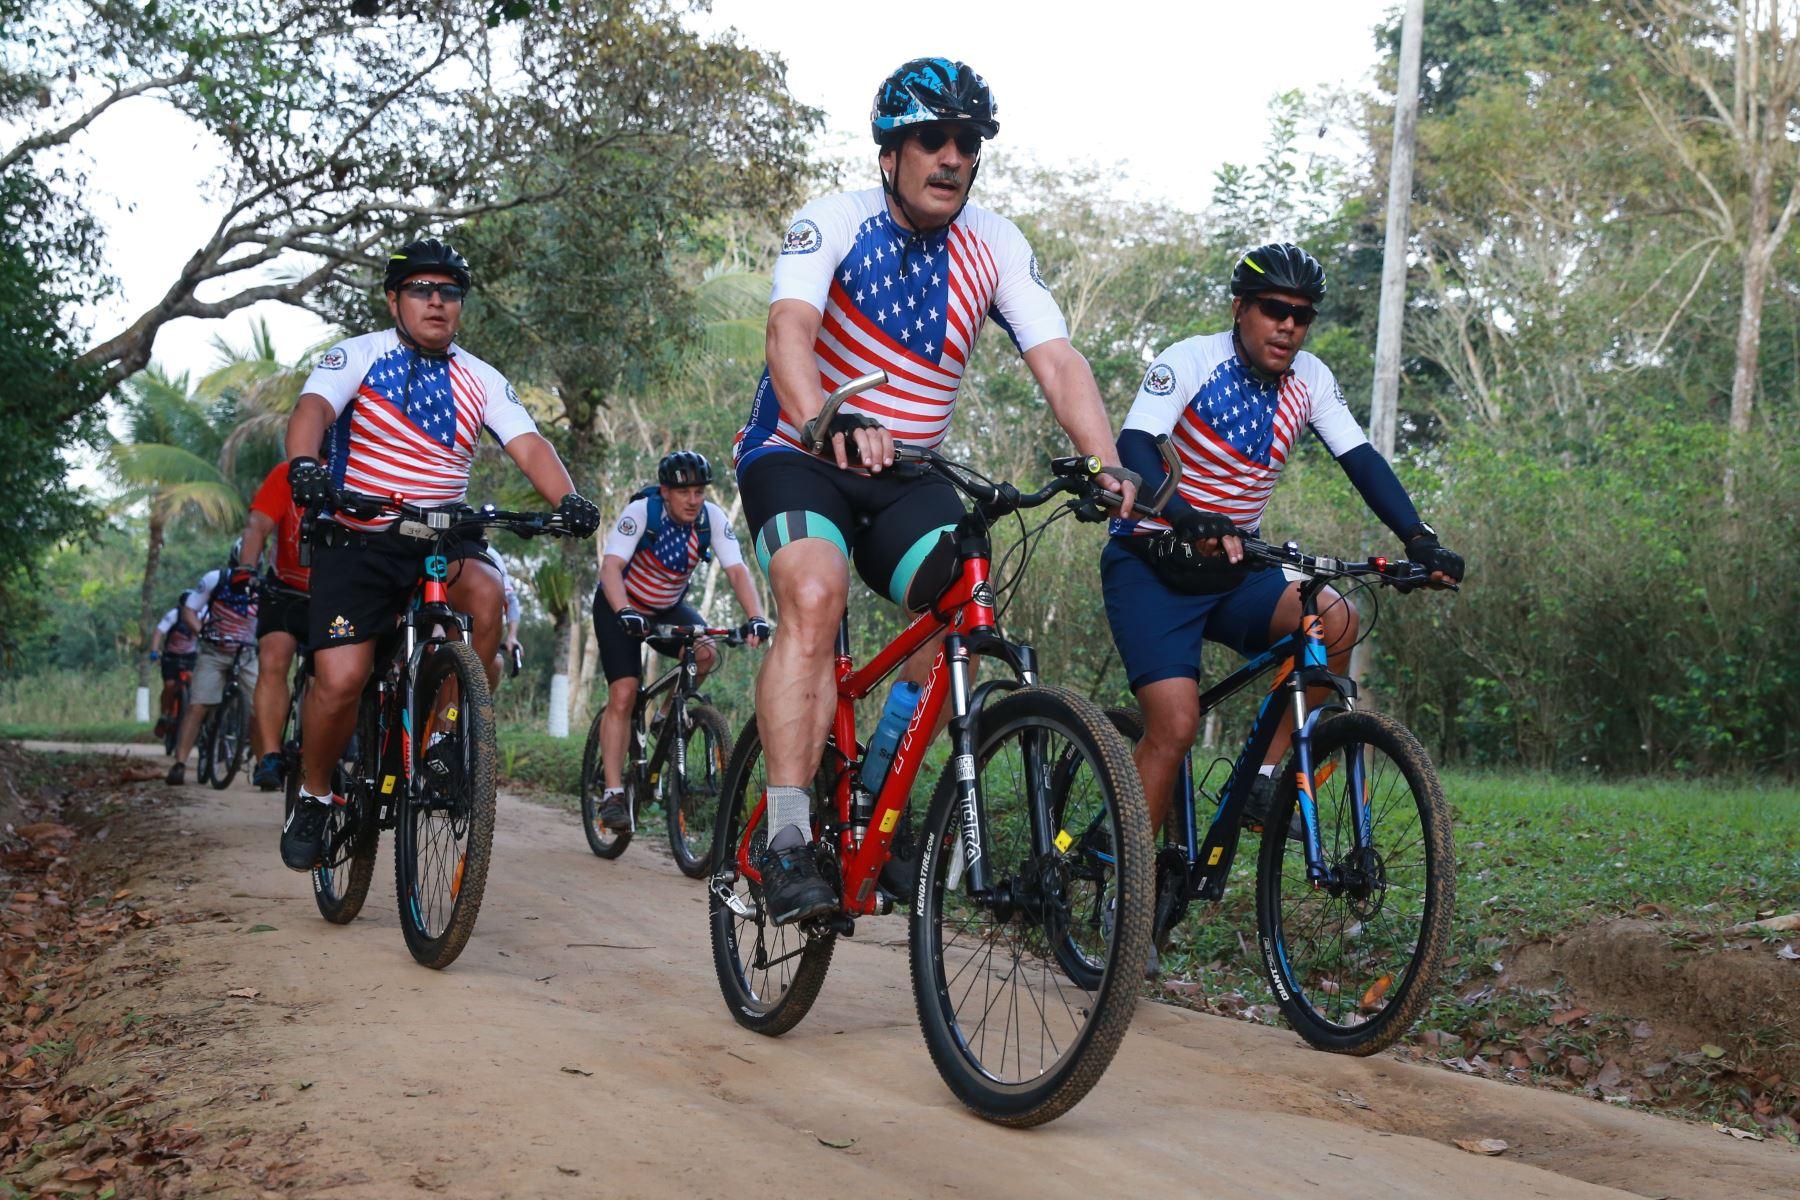 Embajador de los Estados Unidos Krishna R. Urs cumple visita en Tarapoto en donde realiza una jornada de dos días recorriendo la ciudad y sus alrededores en bicicleta junto a una comitiva, con el fin de promover el deporte, la vida saludable sin drogas y el uso de bicicleta como medio de transporte alternativo.  Foto: ANDINA/Vidal Tarqui